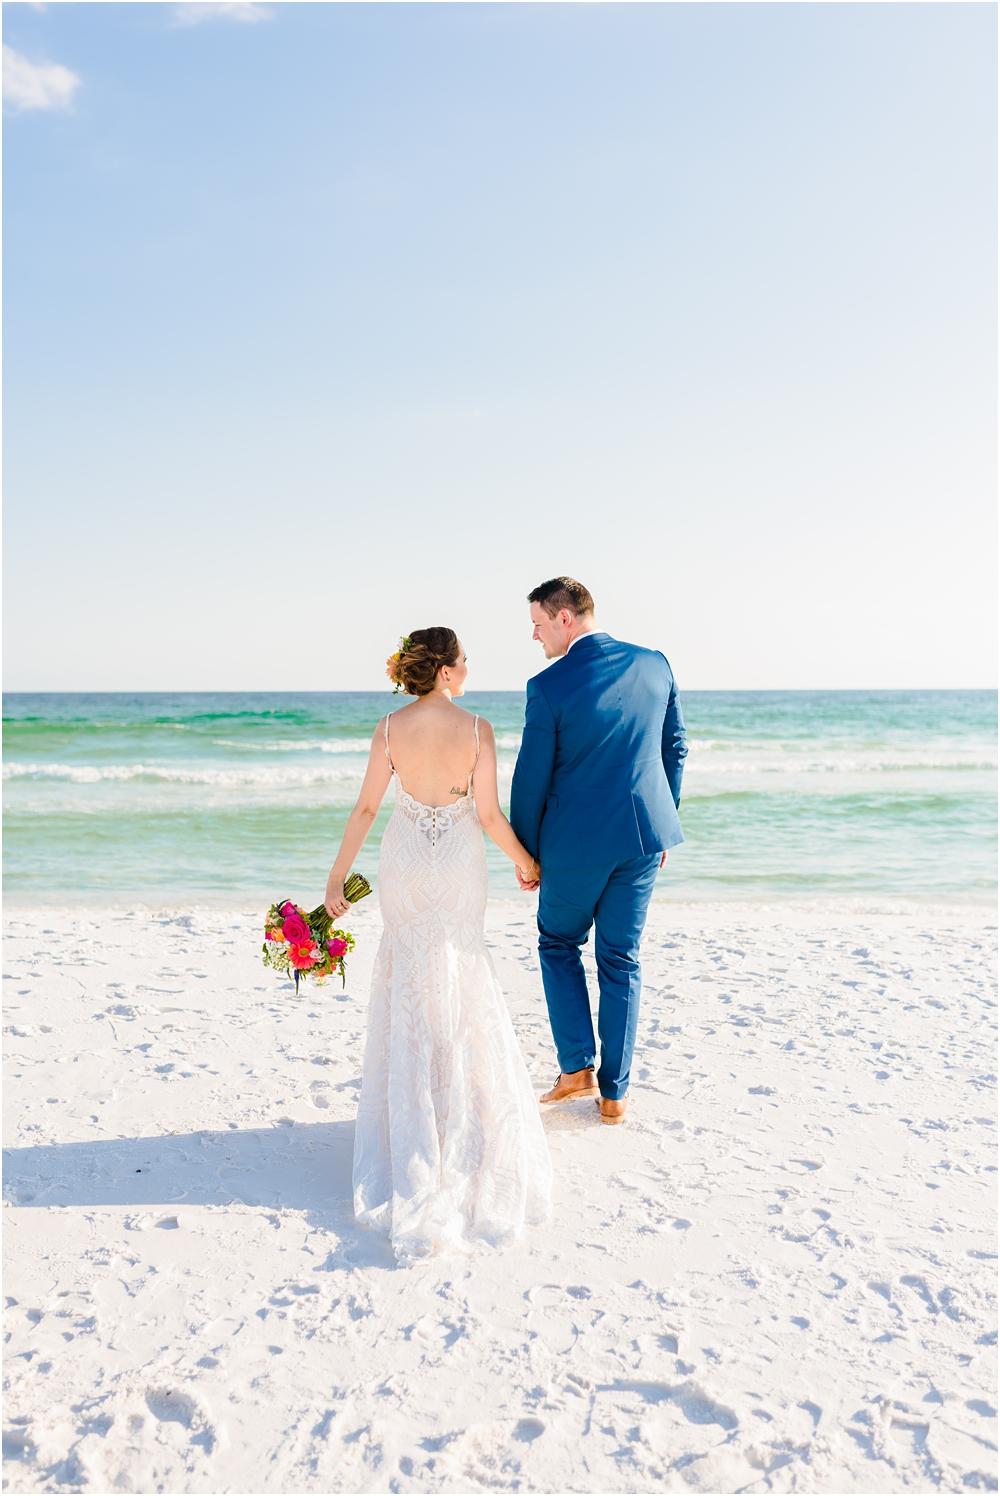 destin-sunquest-cruise-wedding-kiersten-stevenson-photography-74.jpg